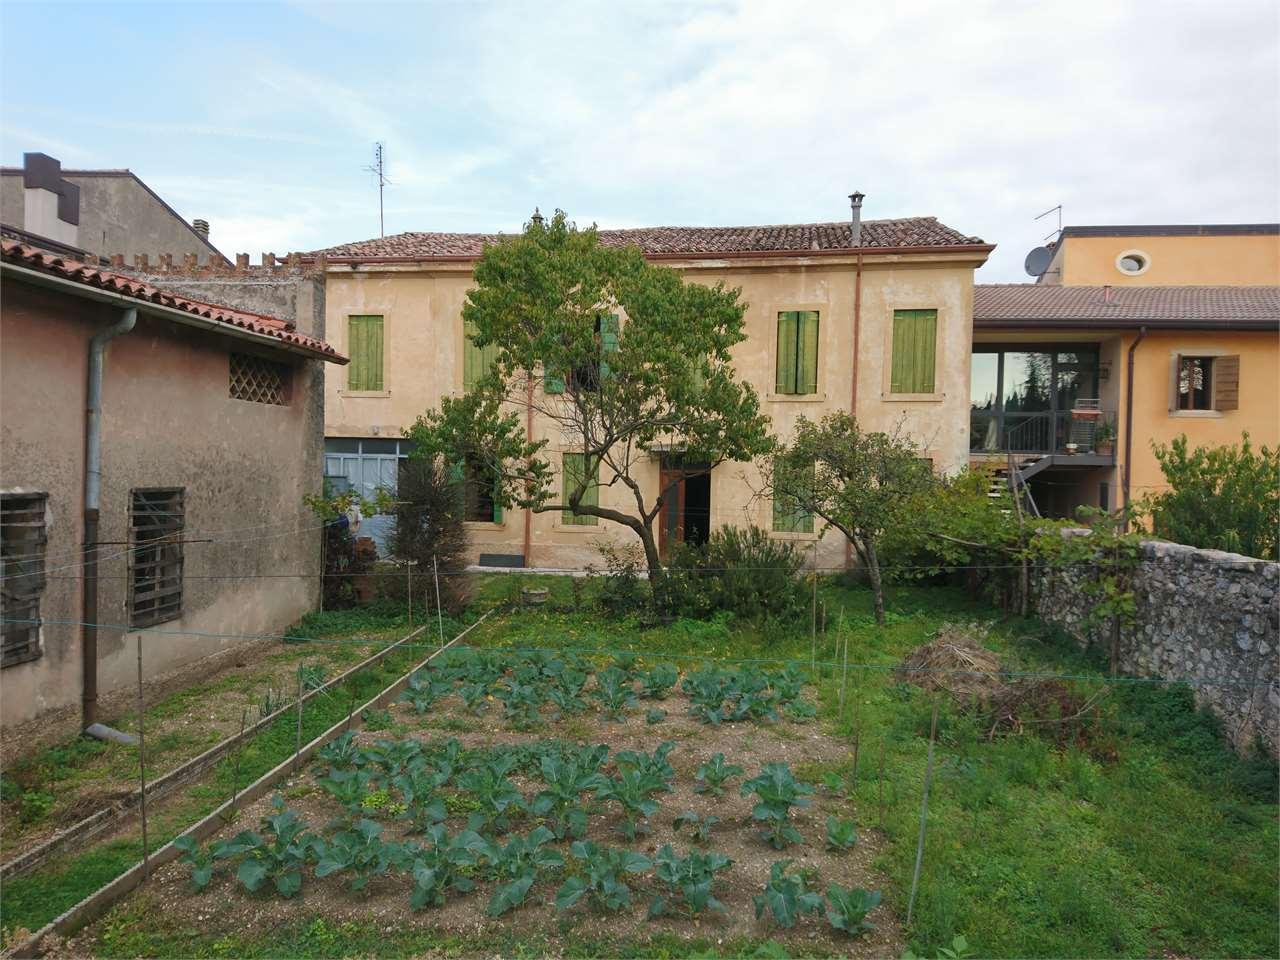 Rustico / Casale in vendita a Tregnago, 11 locali, zona Zona: Centro, prezzo € 250.000 | CambioCasa.it